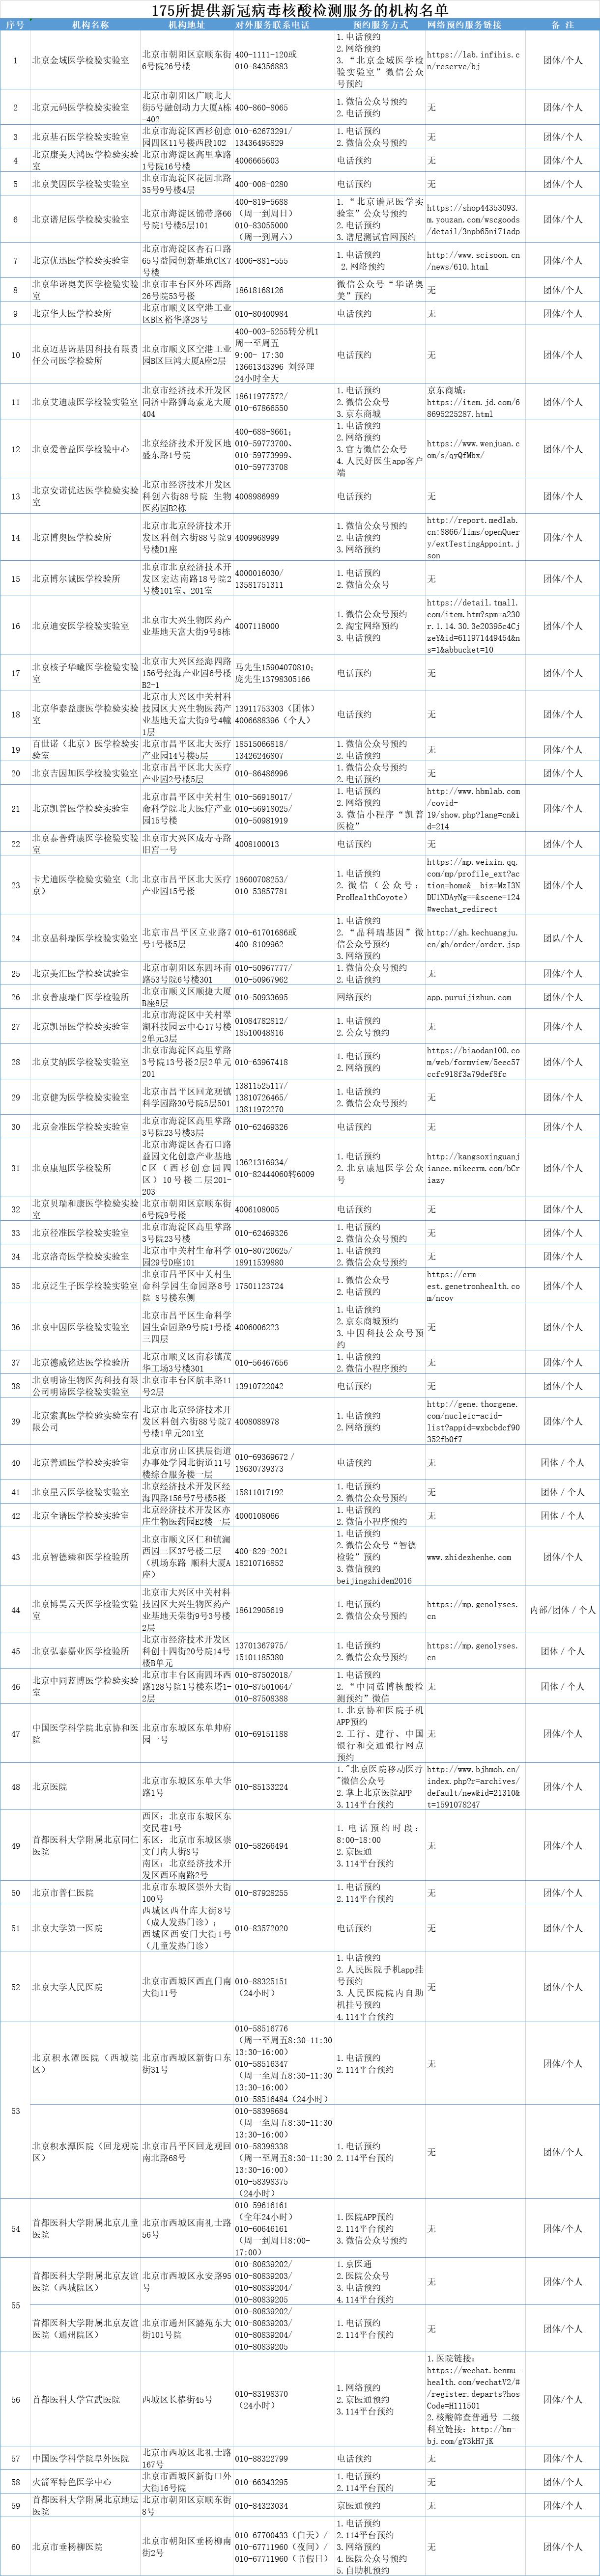 高德注册,核酸检测高德注册机构增至175家可预图片